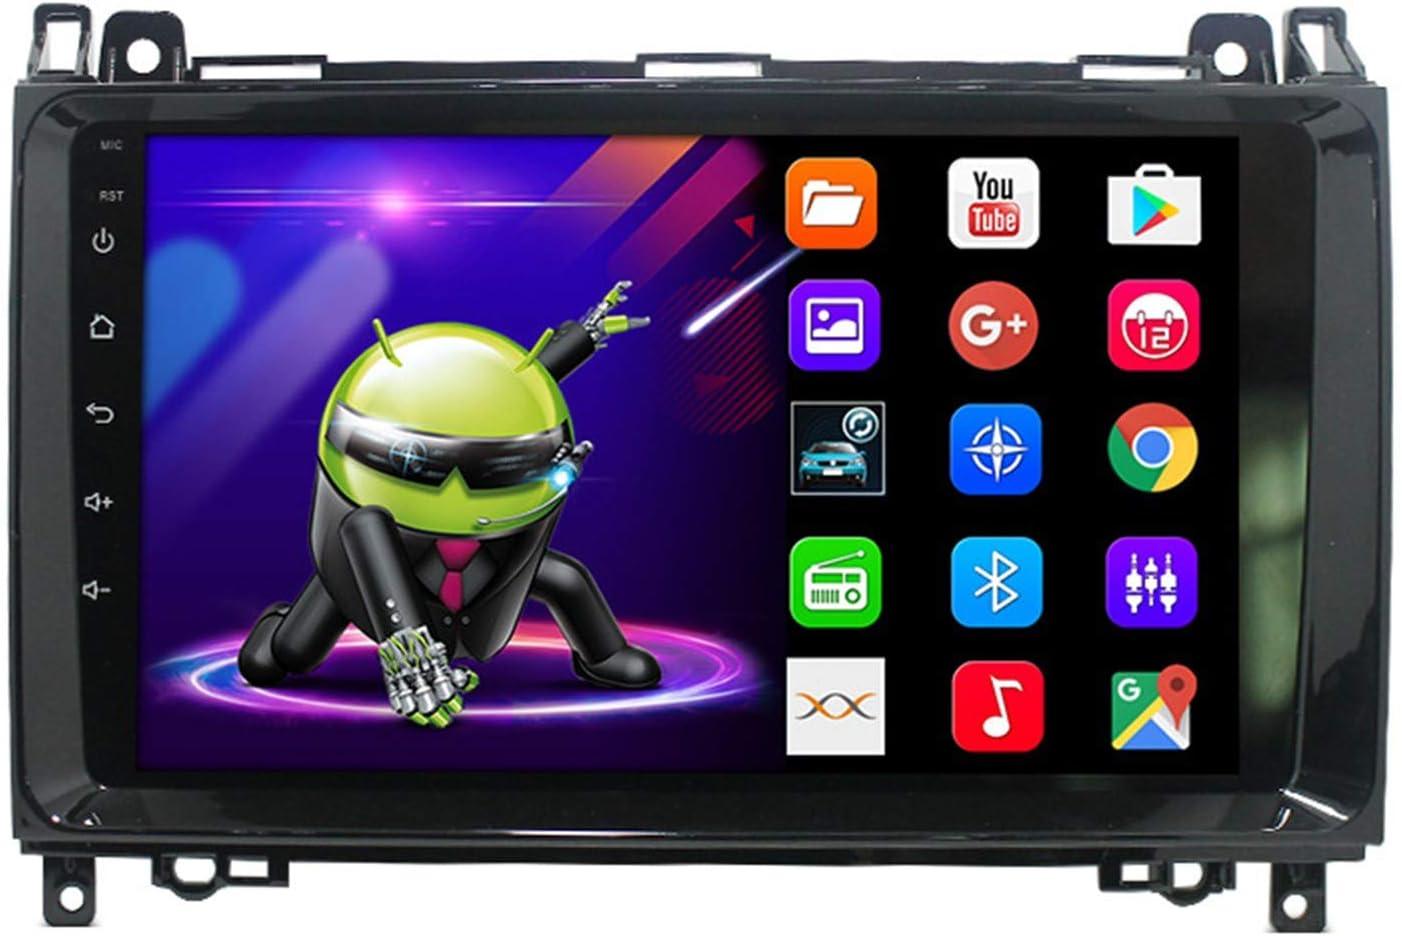 ZJ Android 9.1 Unidad De Control De Navegación para Automóvil Sistema De Posicionamiento Geográfico para Mercedes-Benz W169 W245 B160 B170 B180 B200 W639 Vito Viano W906 Sprinter